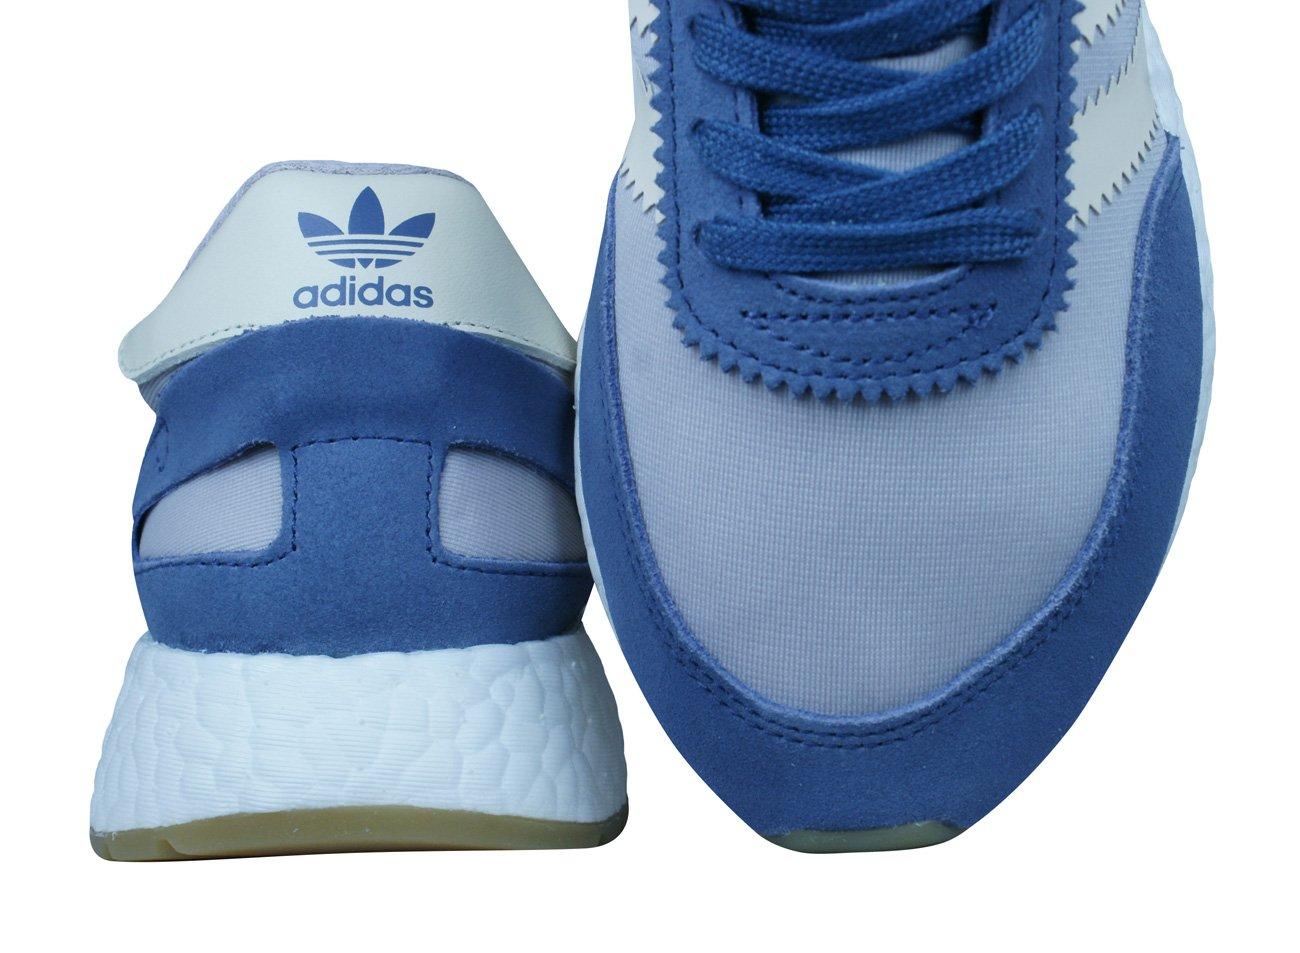 Adidas Damen Sportschuhe Iniki Runner Weiß Ba9995 Cream Weiß Runner Ice Weiß Ice ... 1d64f7